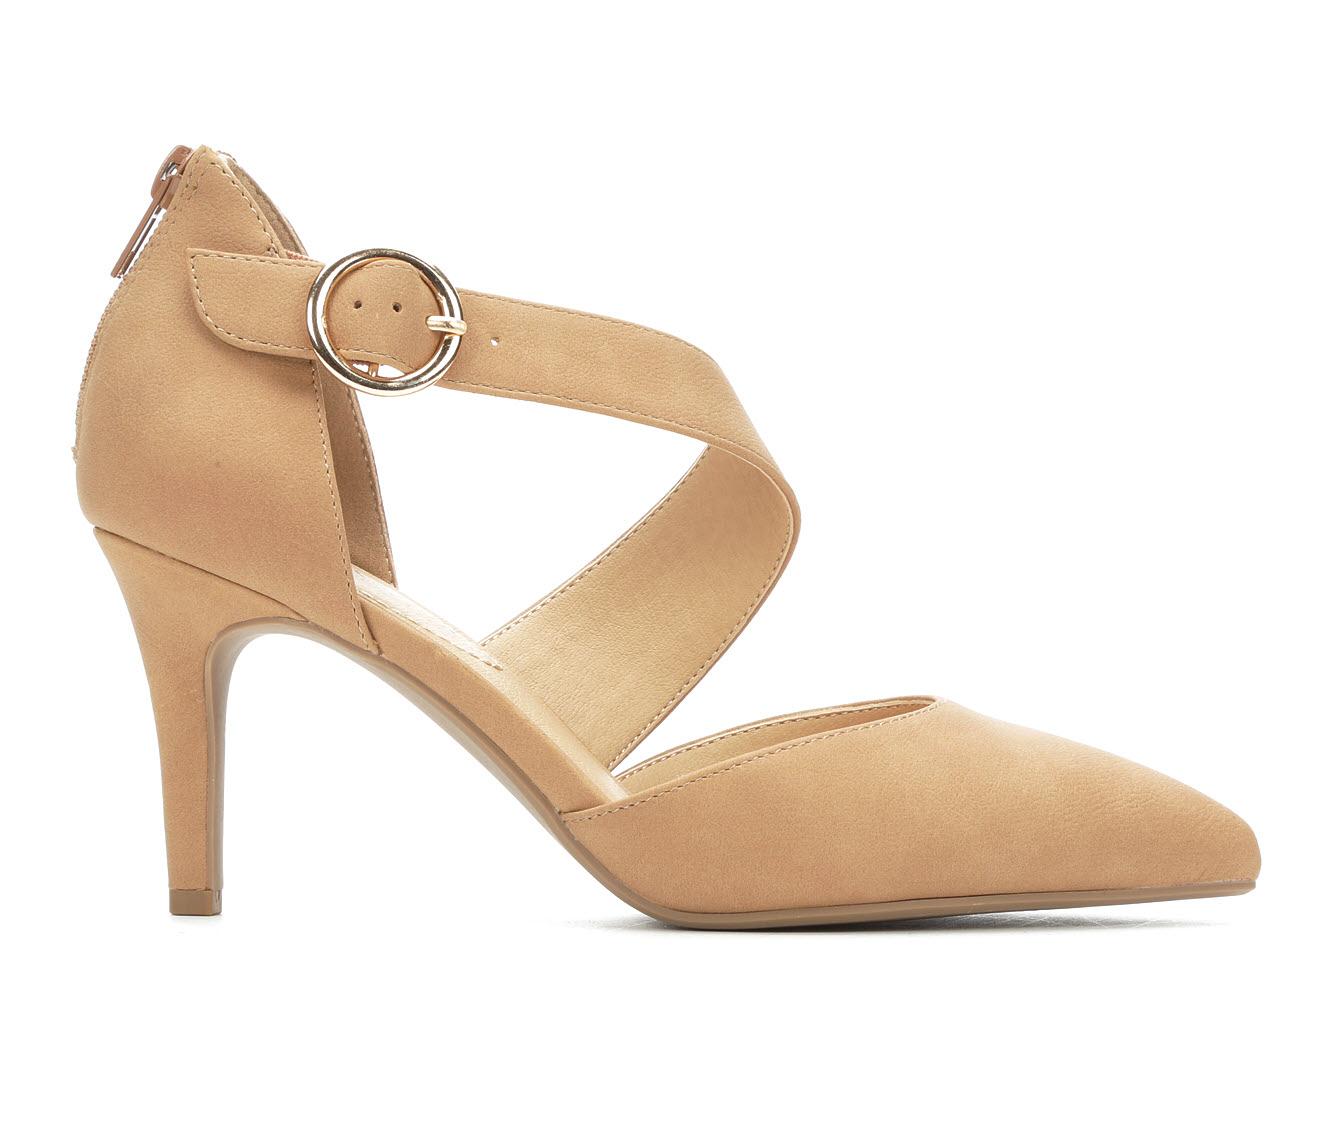 Solanz Blakely Women's Dress Shoe (Beige Faux Leather)